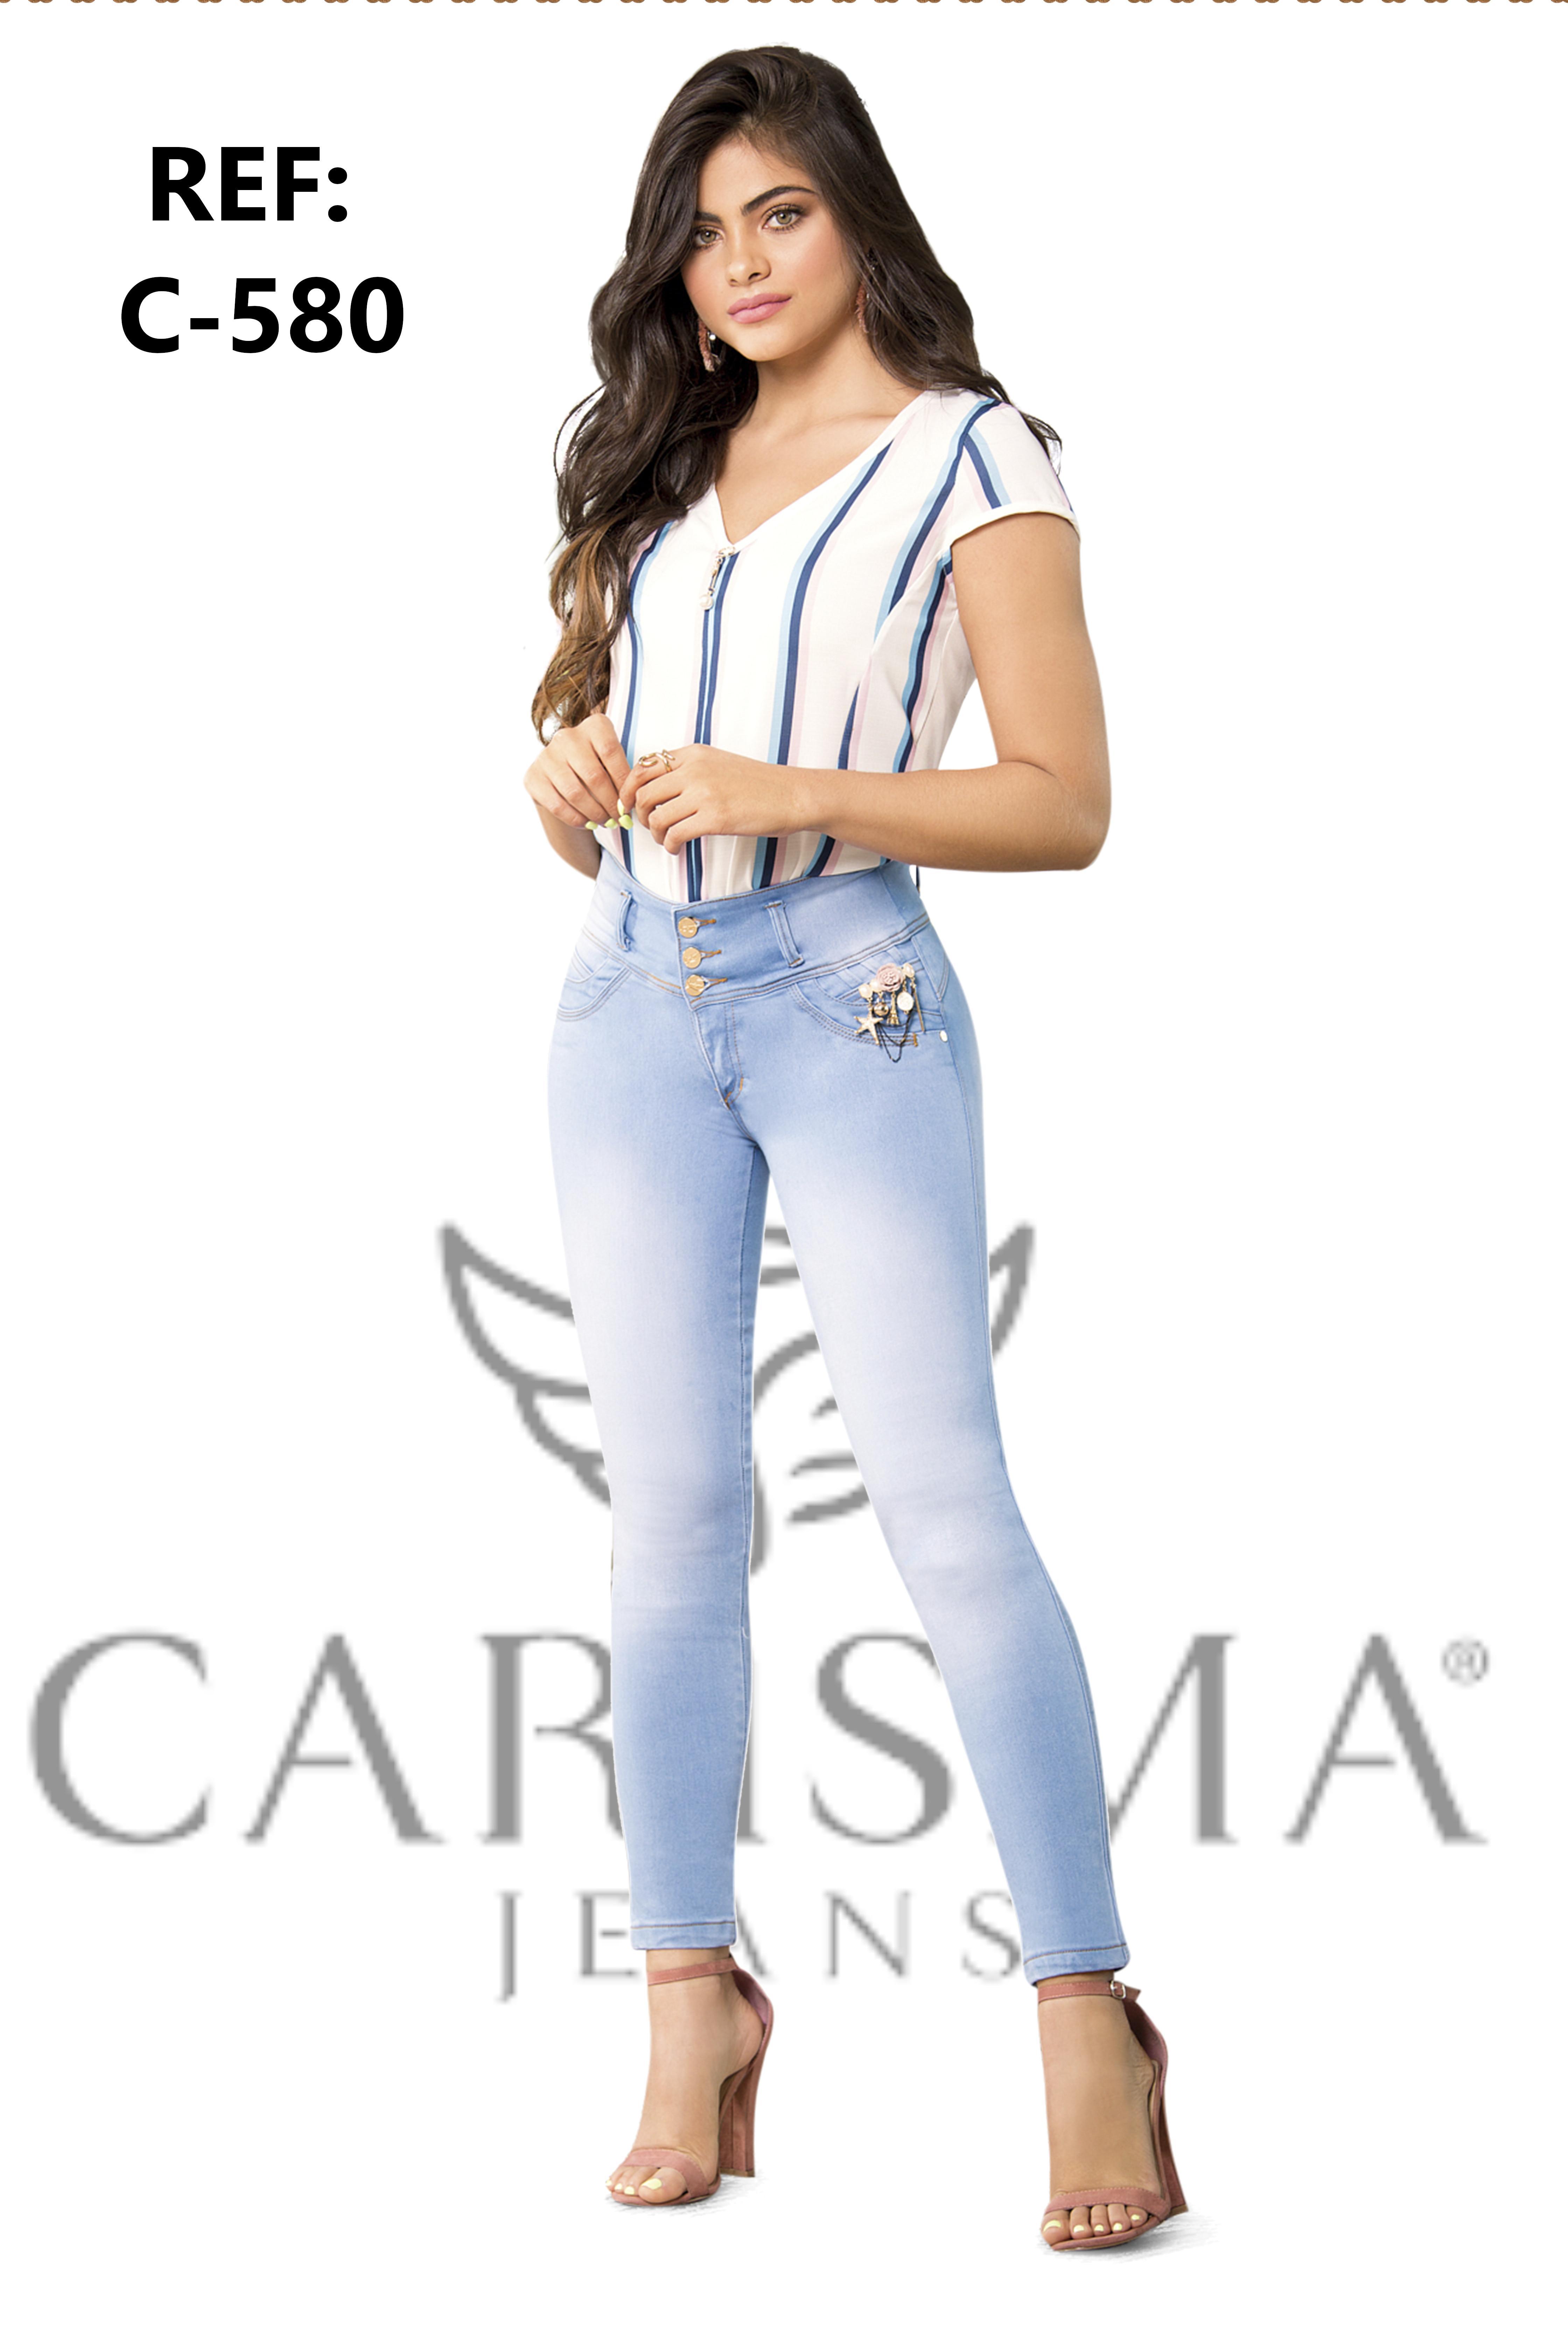 Pantalon para dama vaquero Levanta Cola Colombiano